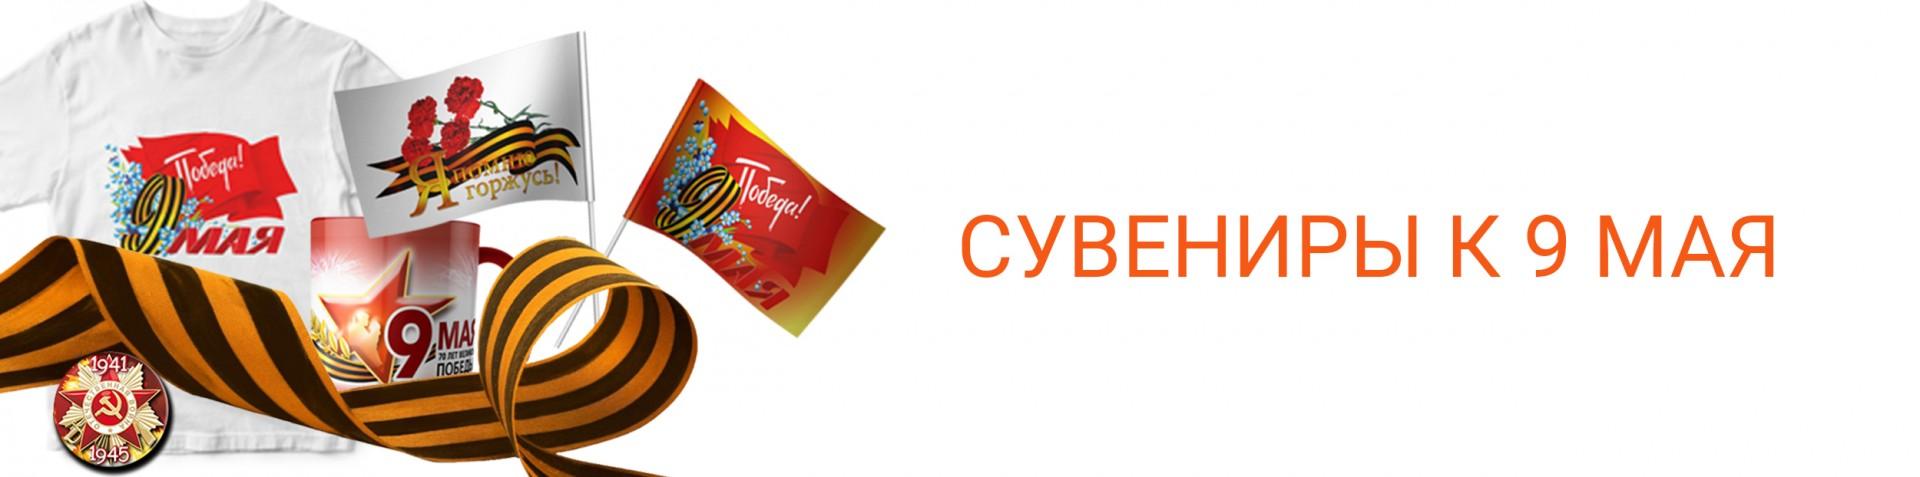 1b4cc6bd8e33 Сувениры с логотипом в СПб – изготовление корпоративных подарков с ...